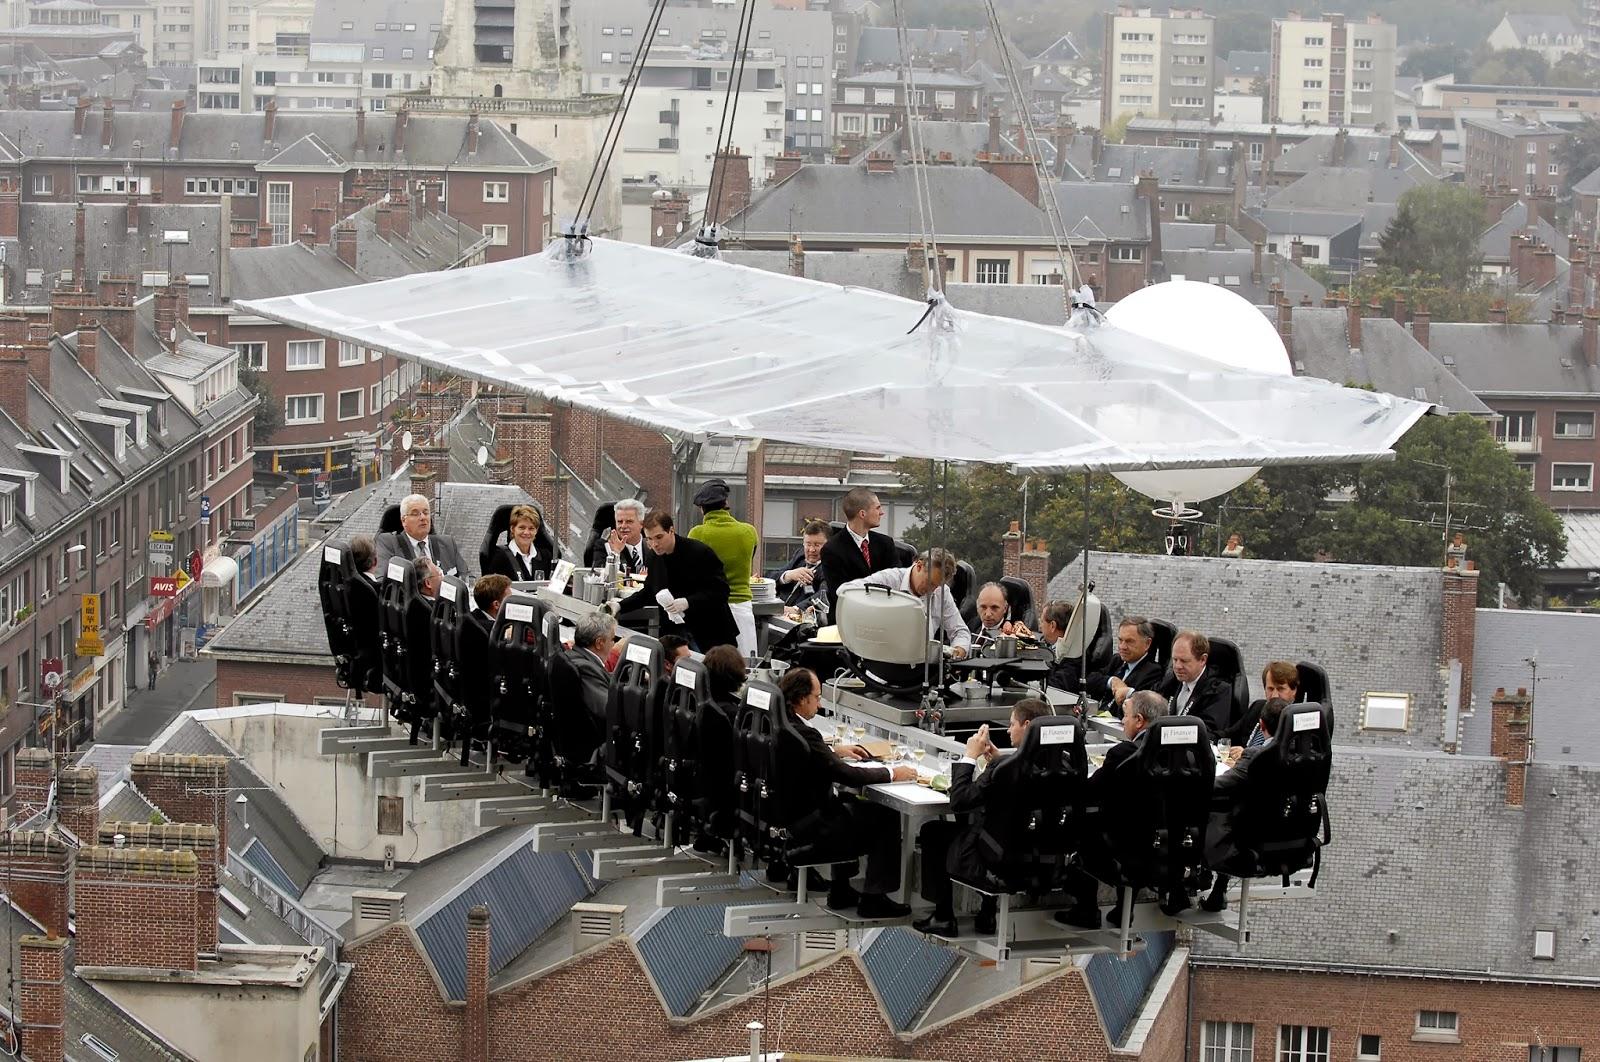 صور مطاعم غريبة حول العالم , باحدث التصاميم وافضل ابتكارات